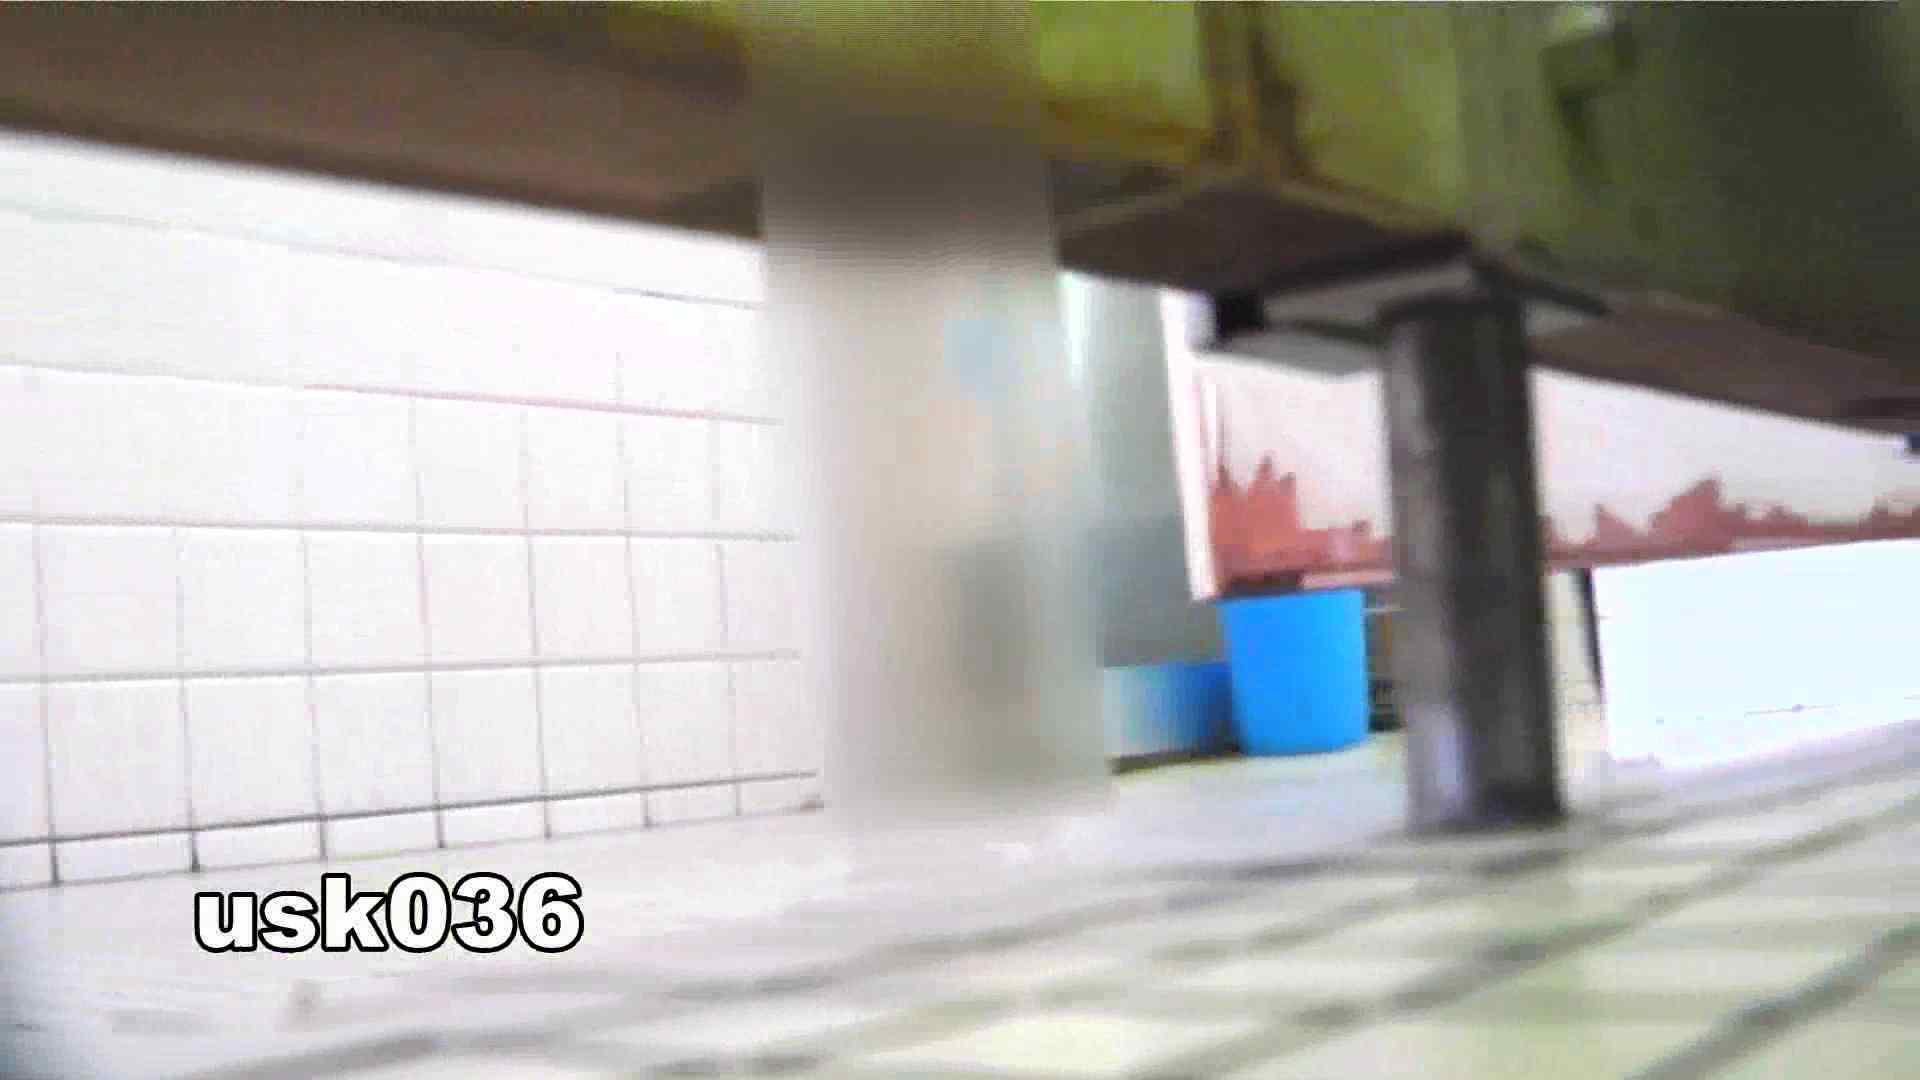 【美しき個室な世界】 vol.036 軟アリ 洗面所 濡れ場動画紹介 112画像 74